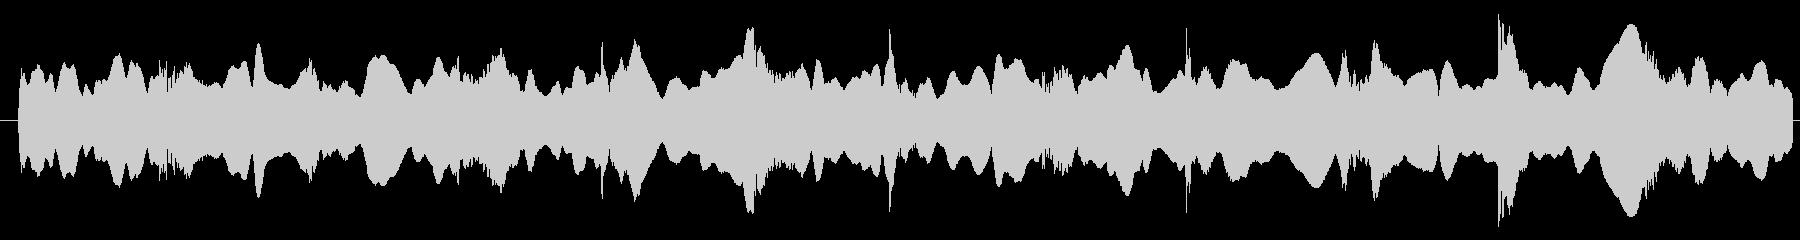 警察 サイレンEU 01の未再生の波形